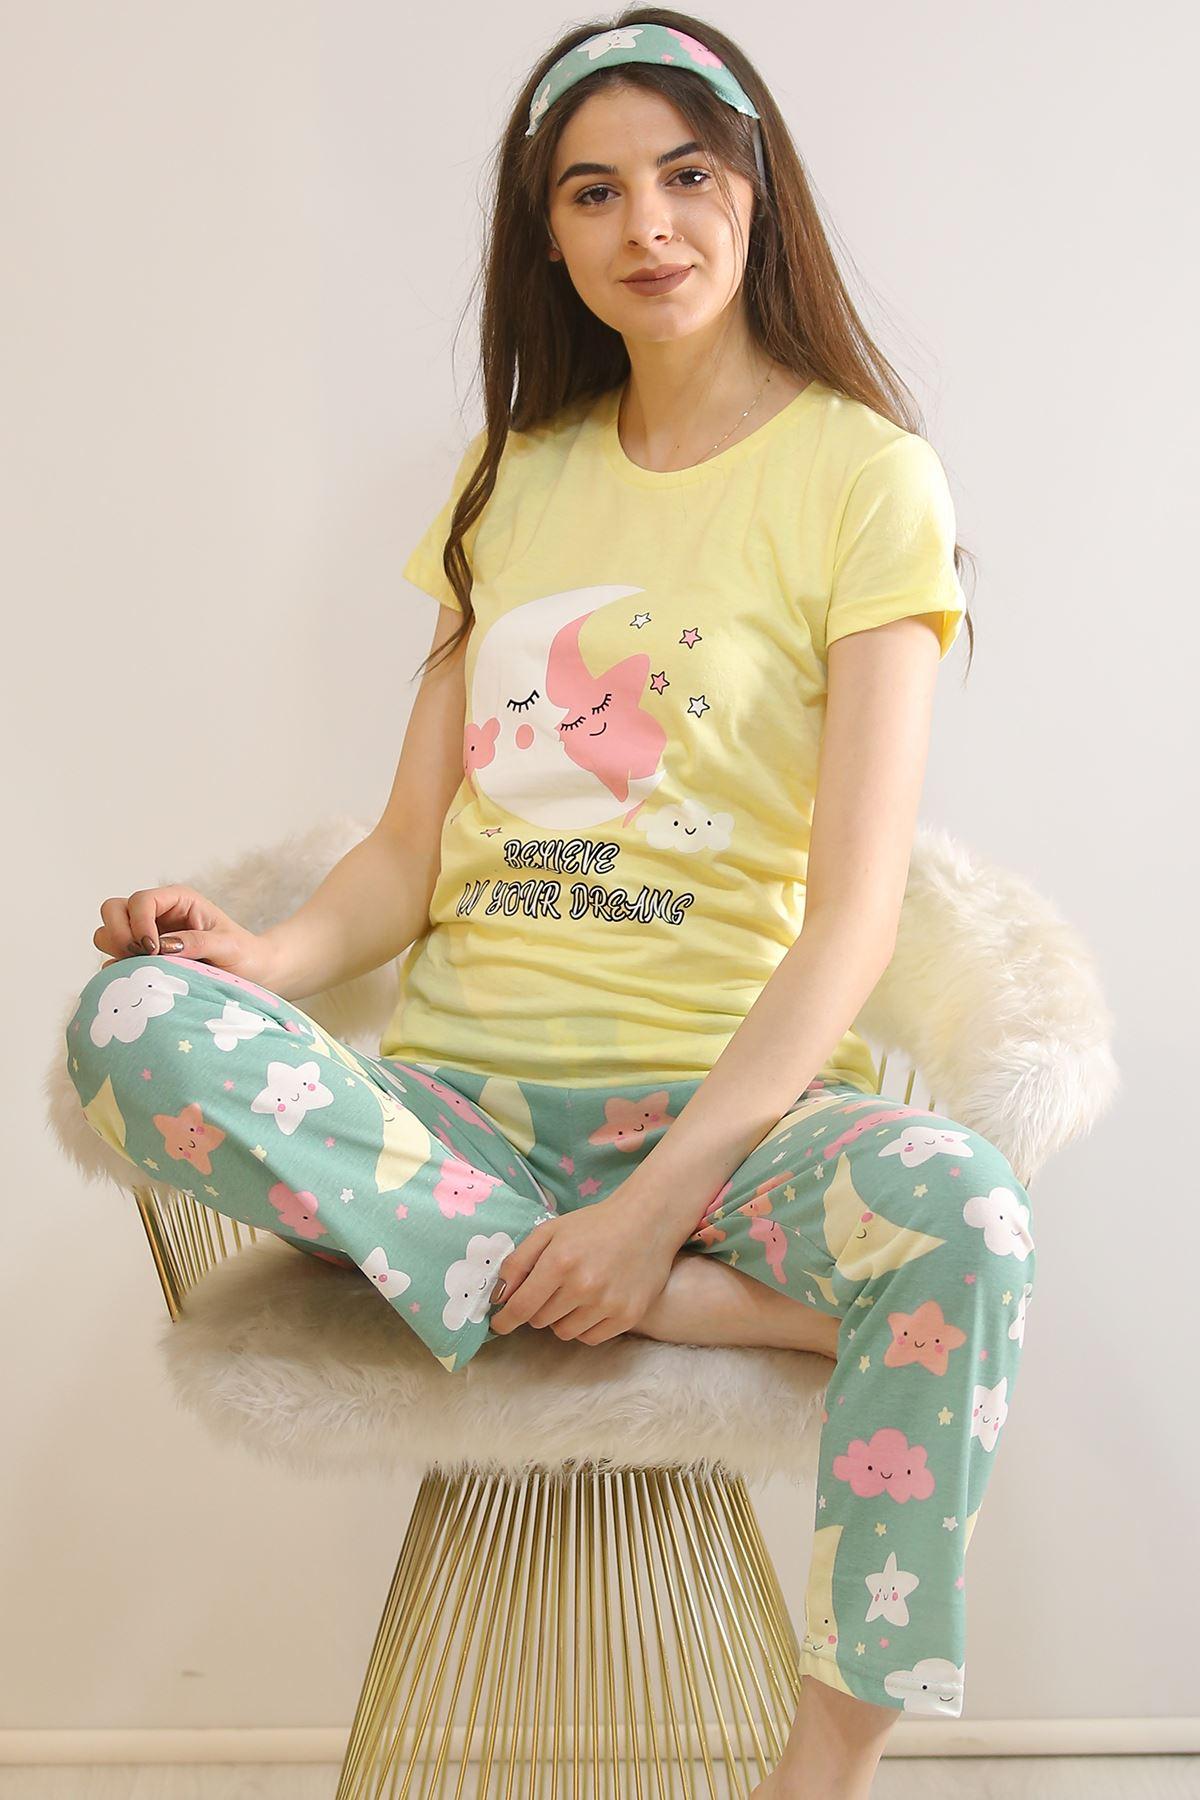 Baskılı Pijama Takımı Sarı - 21834.1059.